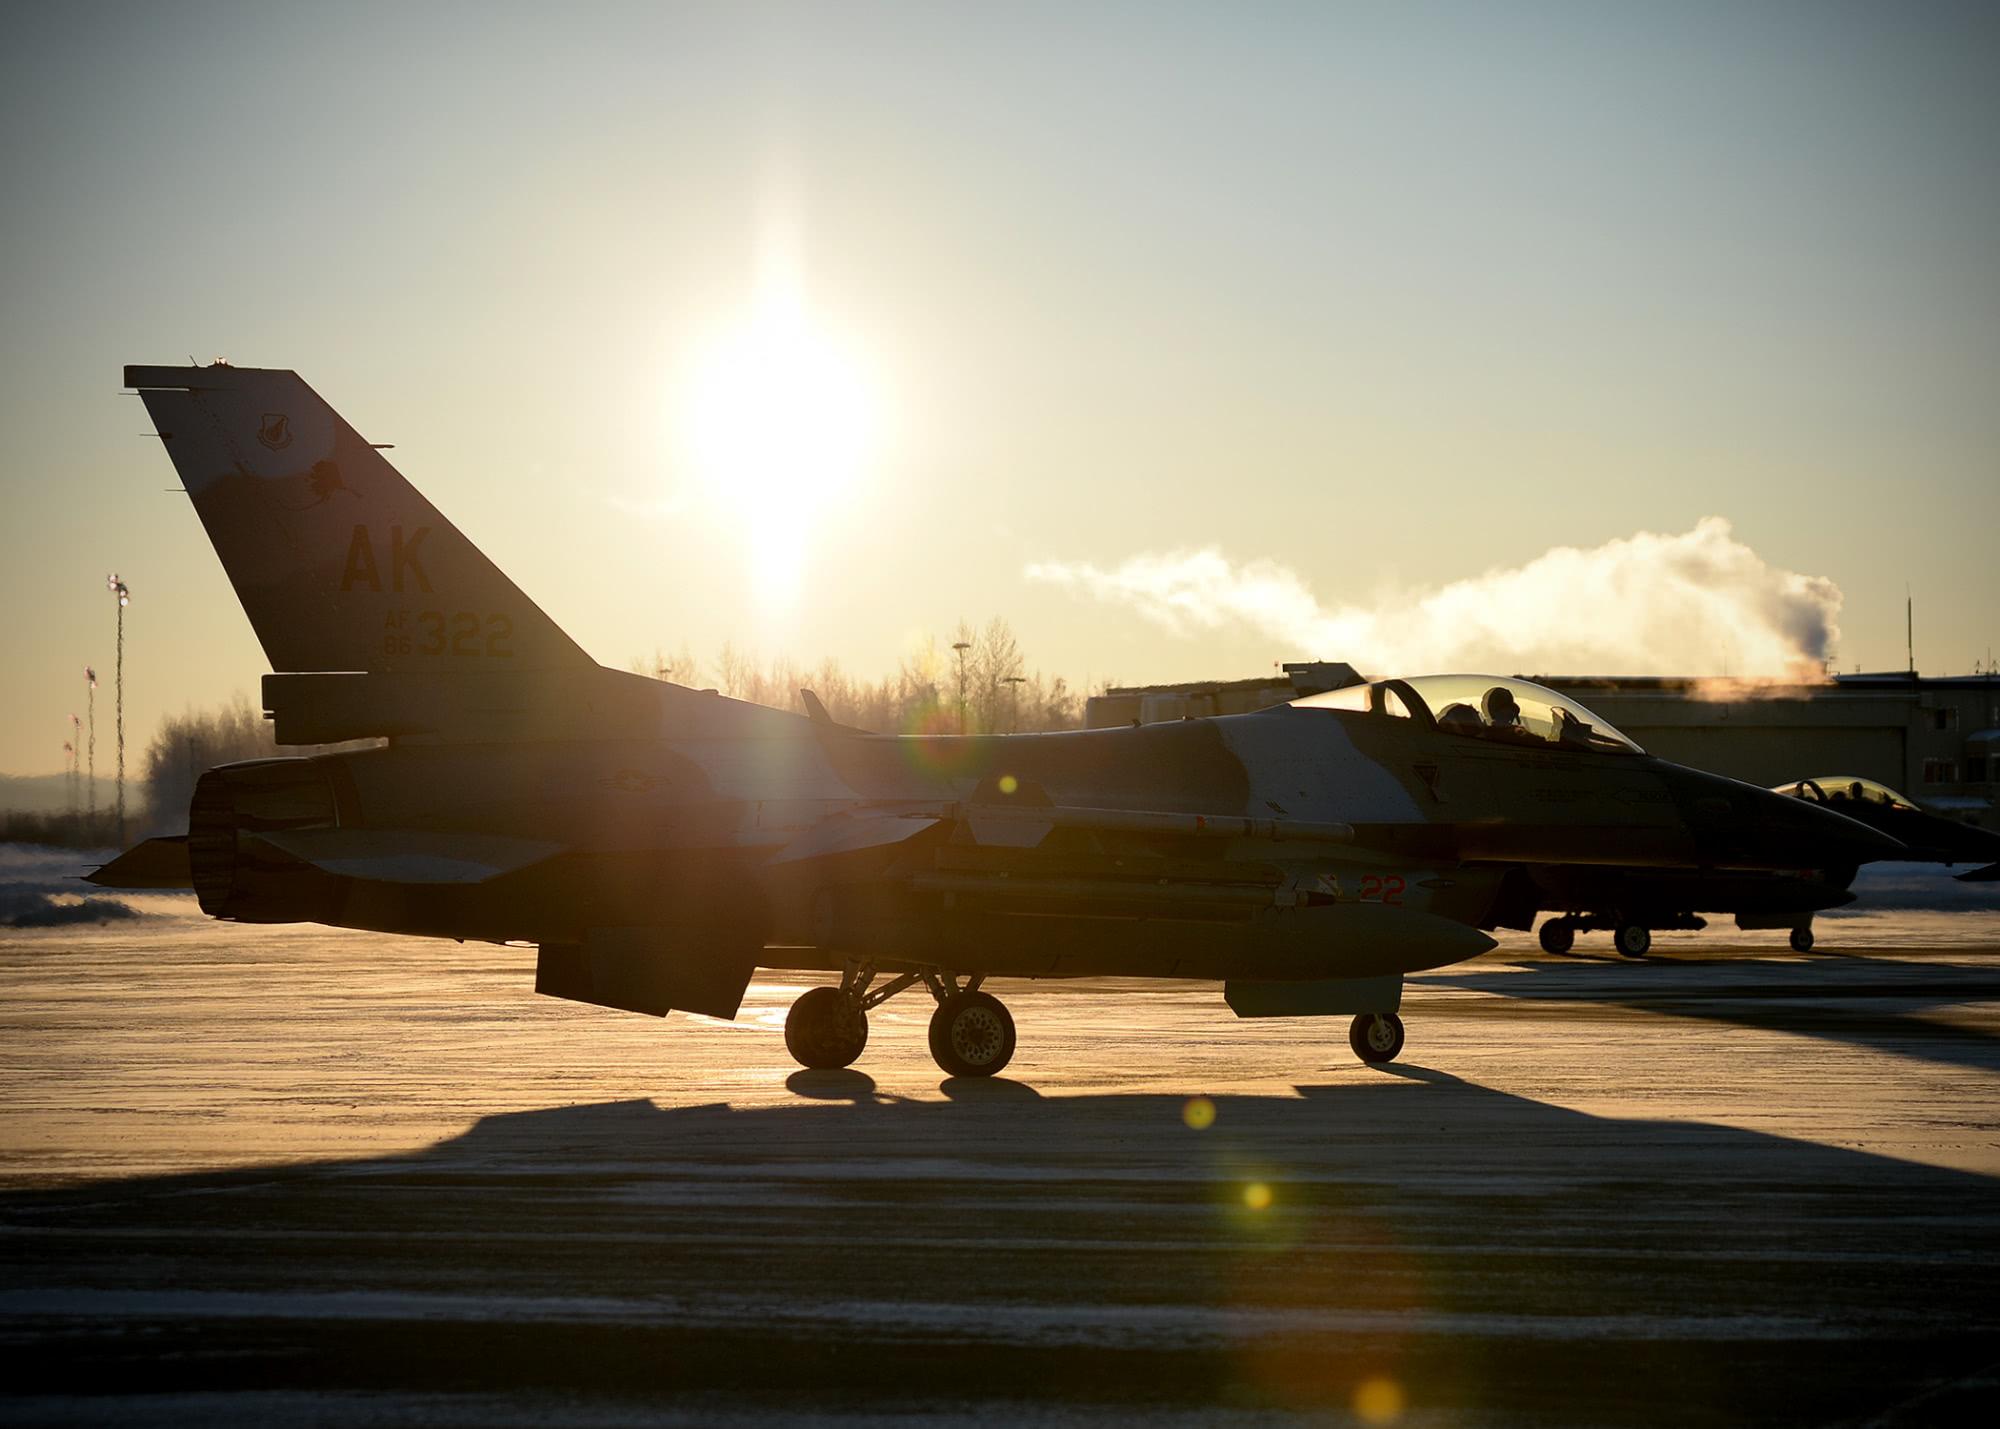 空军数量对比,美国有55万现役空中尖兵,俄罗斯16万,中国呢